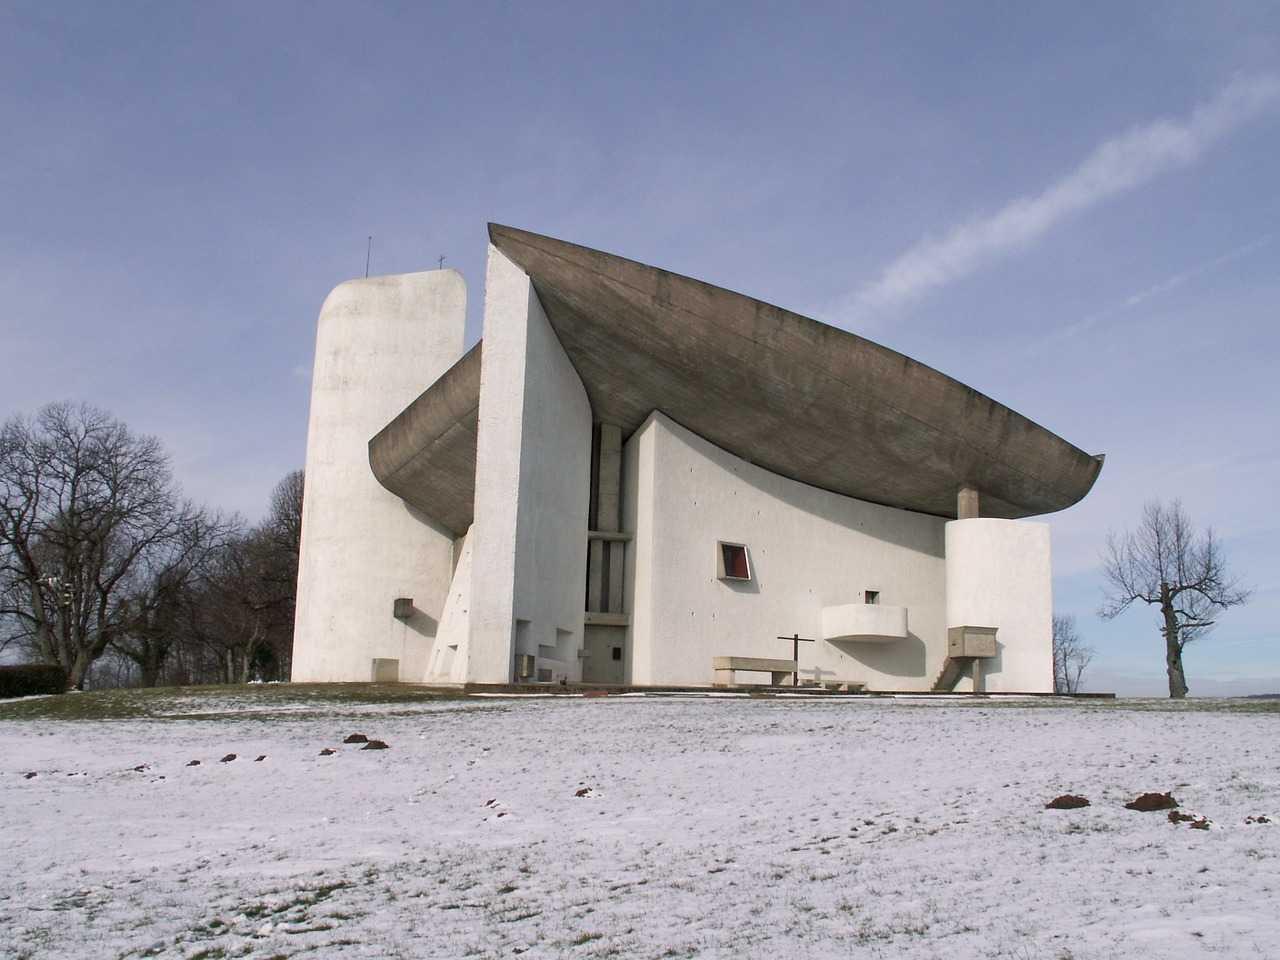 Capela Notre-Dame du Haut - Le Corbusier